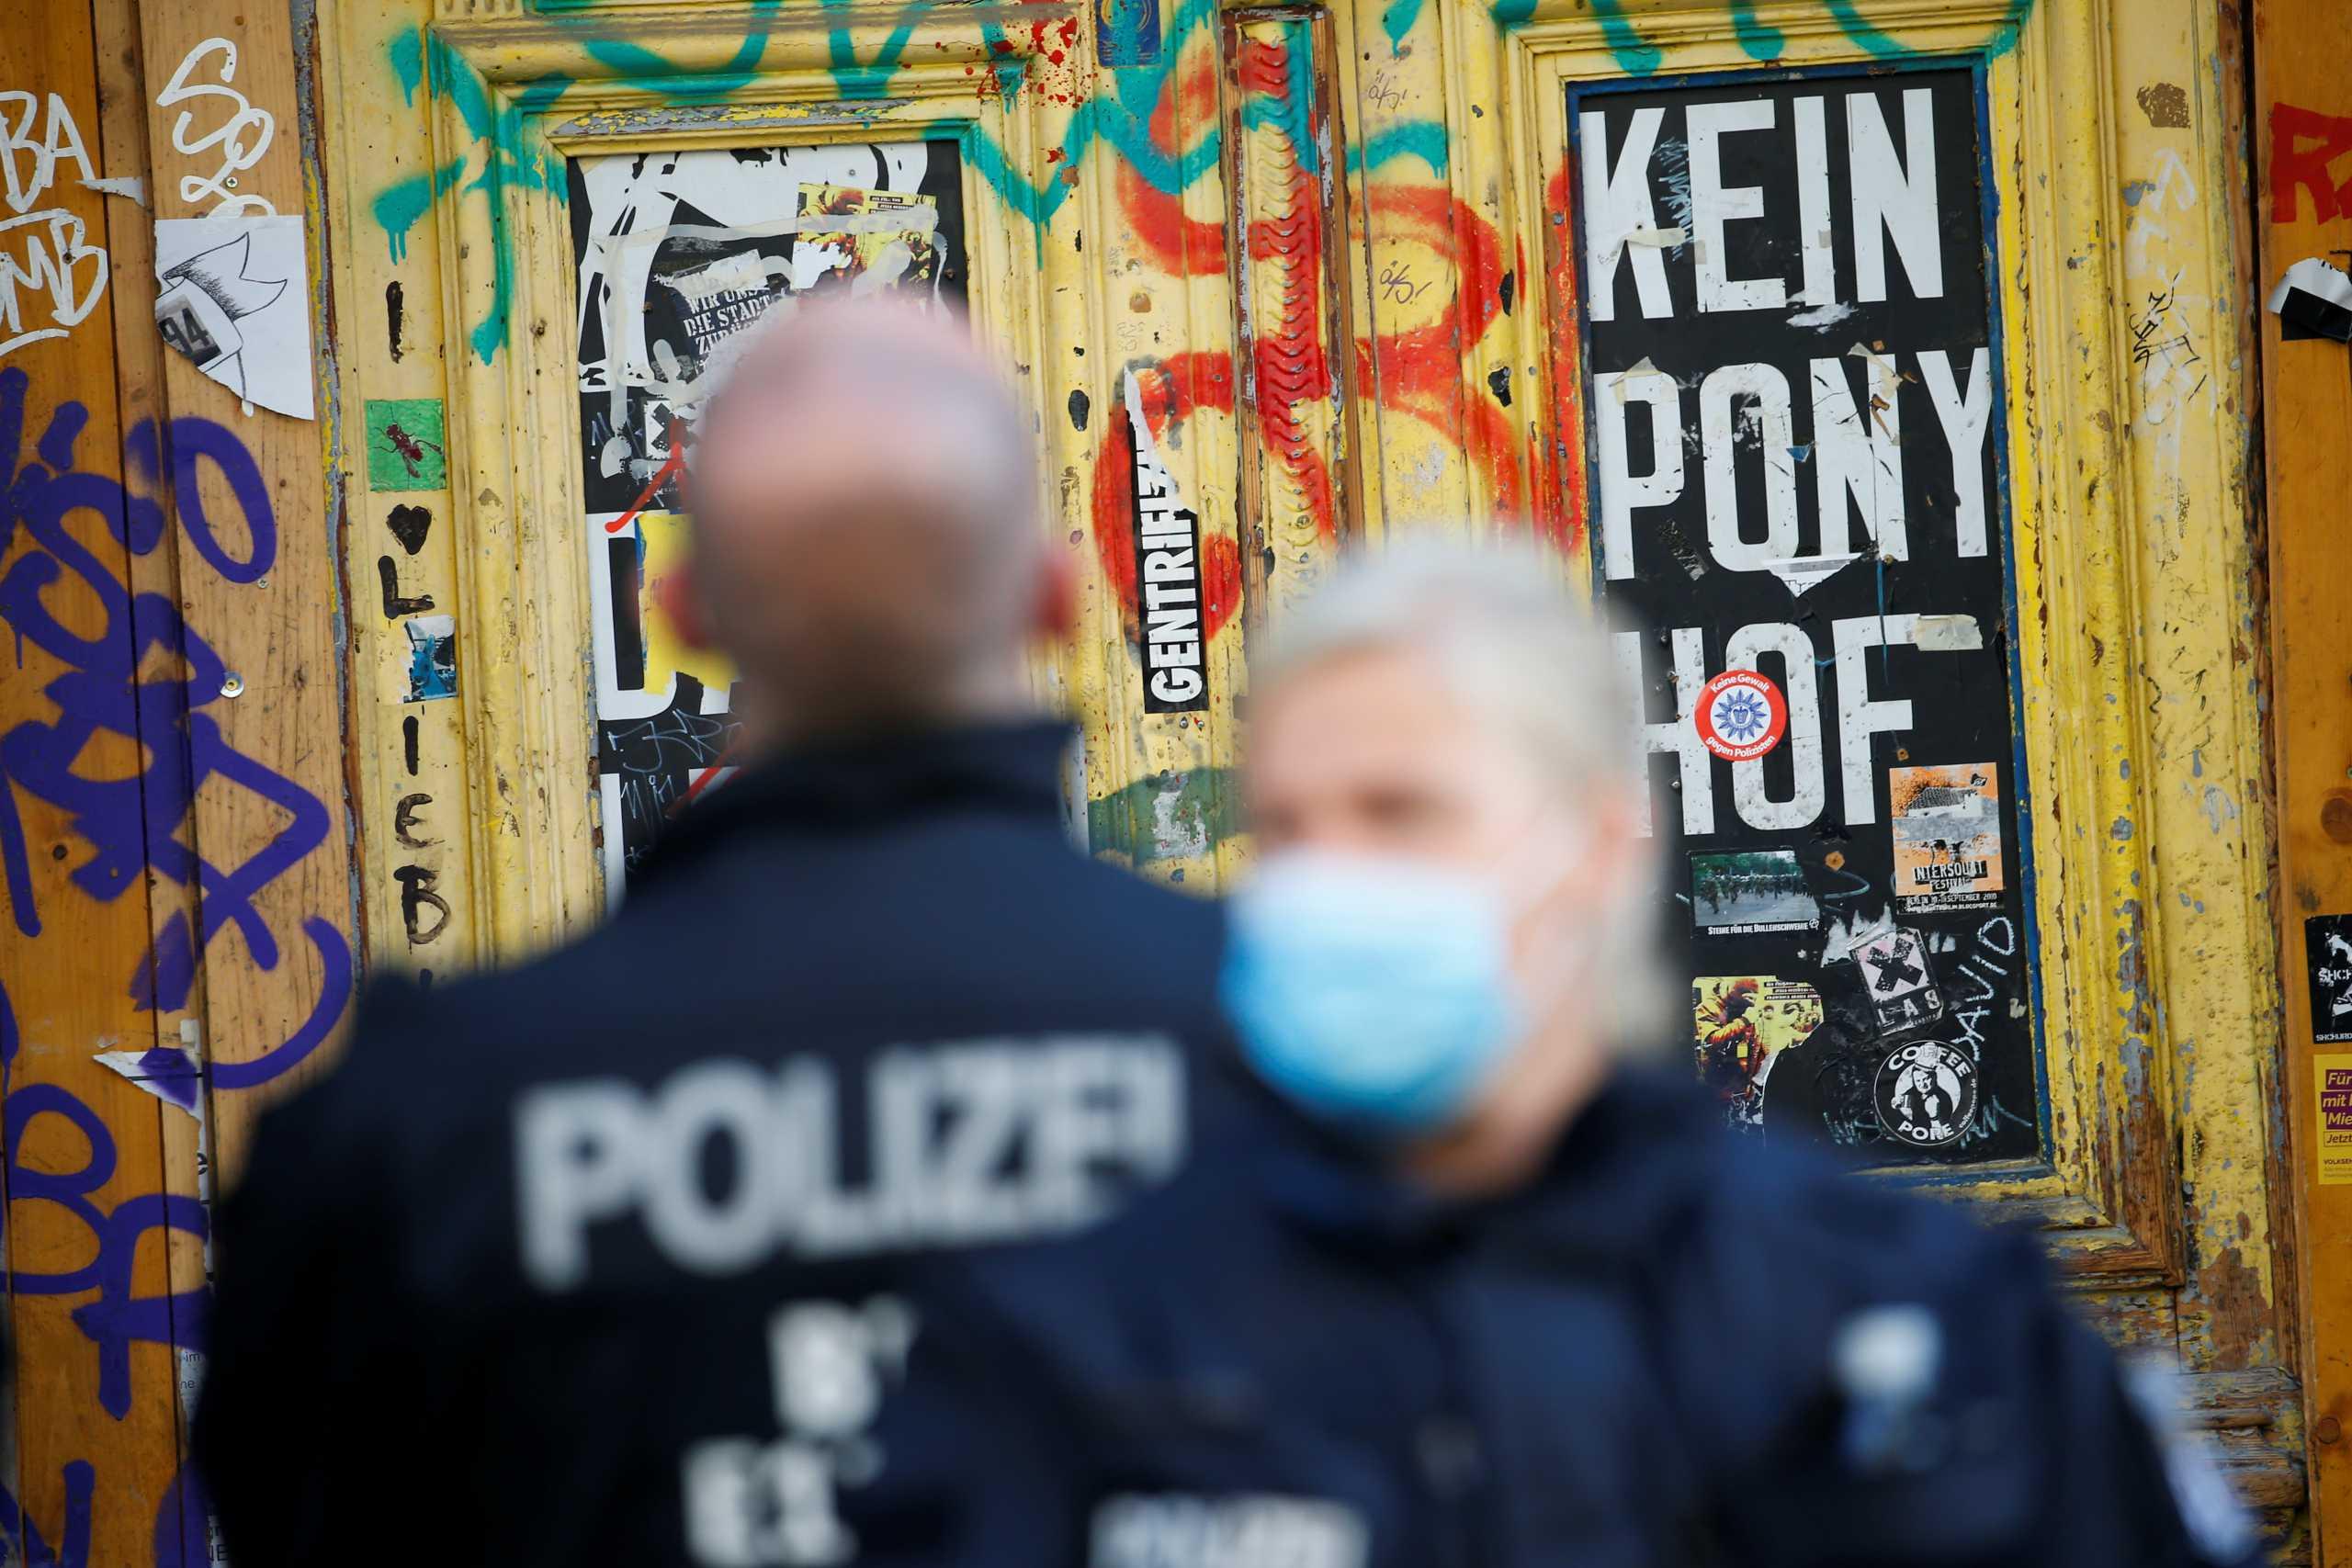 Γερμανία: Ήθελε να σκοτώσει αντιπάλους του Ερντογάν ο Τούρκος κατάσκοπος που συνελήφθη στο Ντίσελντορφ;